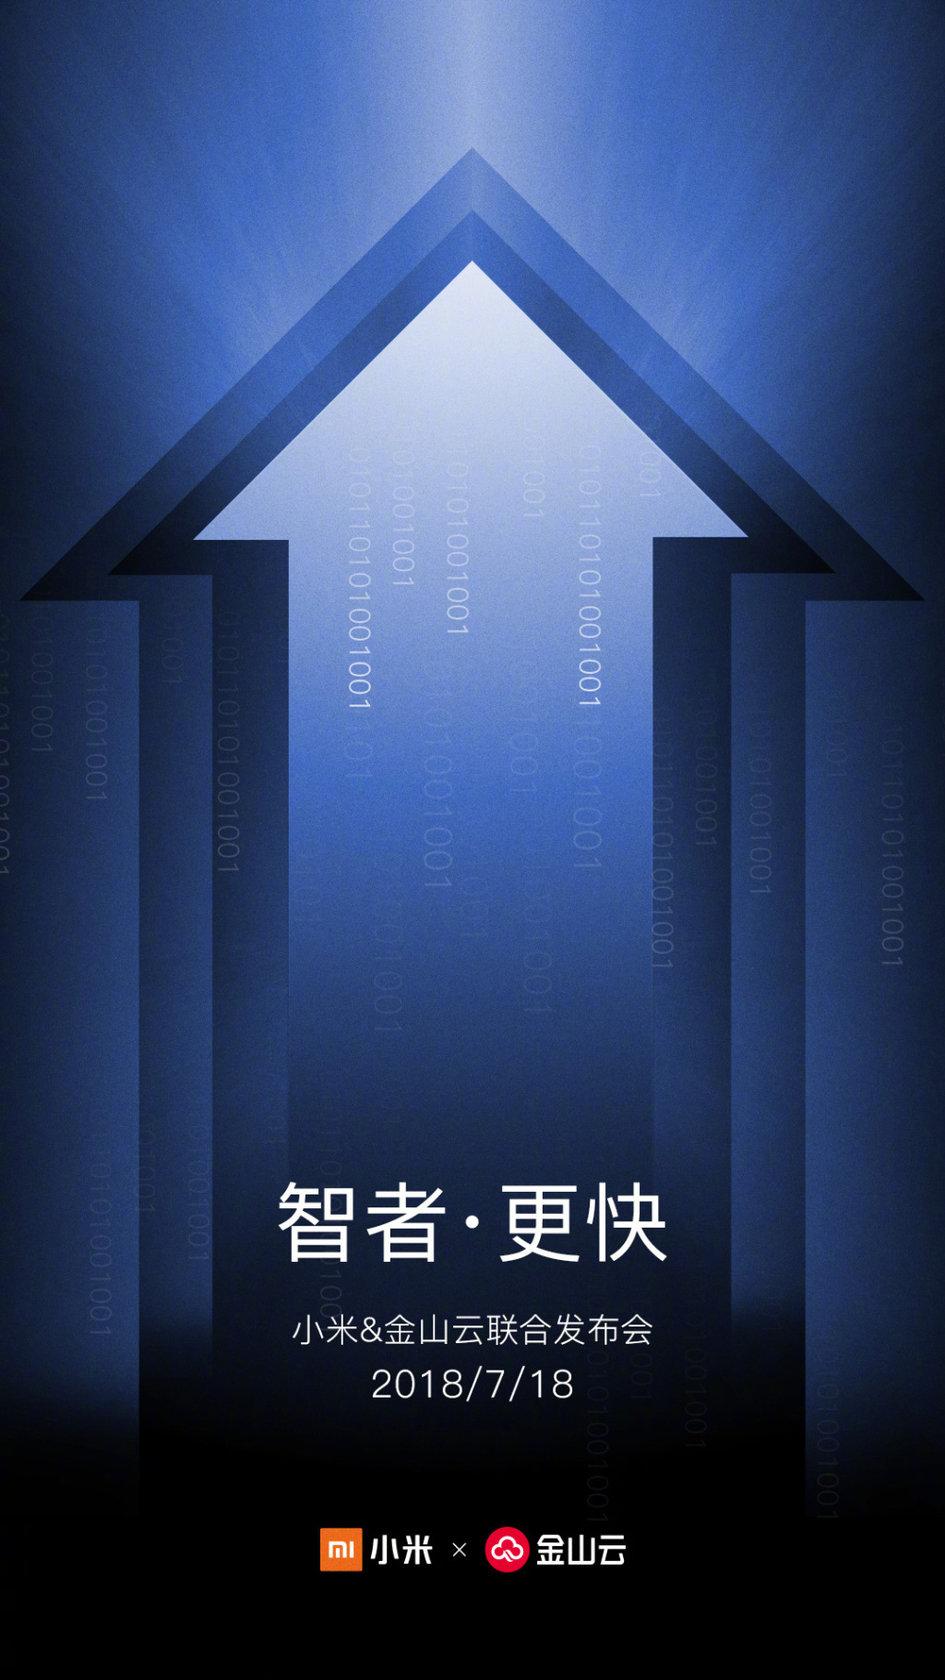 Xiaomi разом з Jinshan Cloud представить новий маршрутизатор завтра